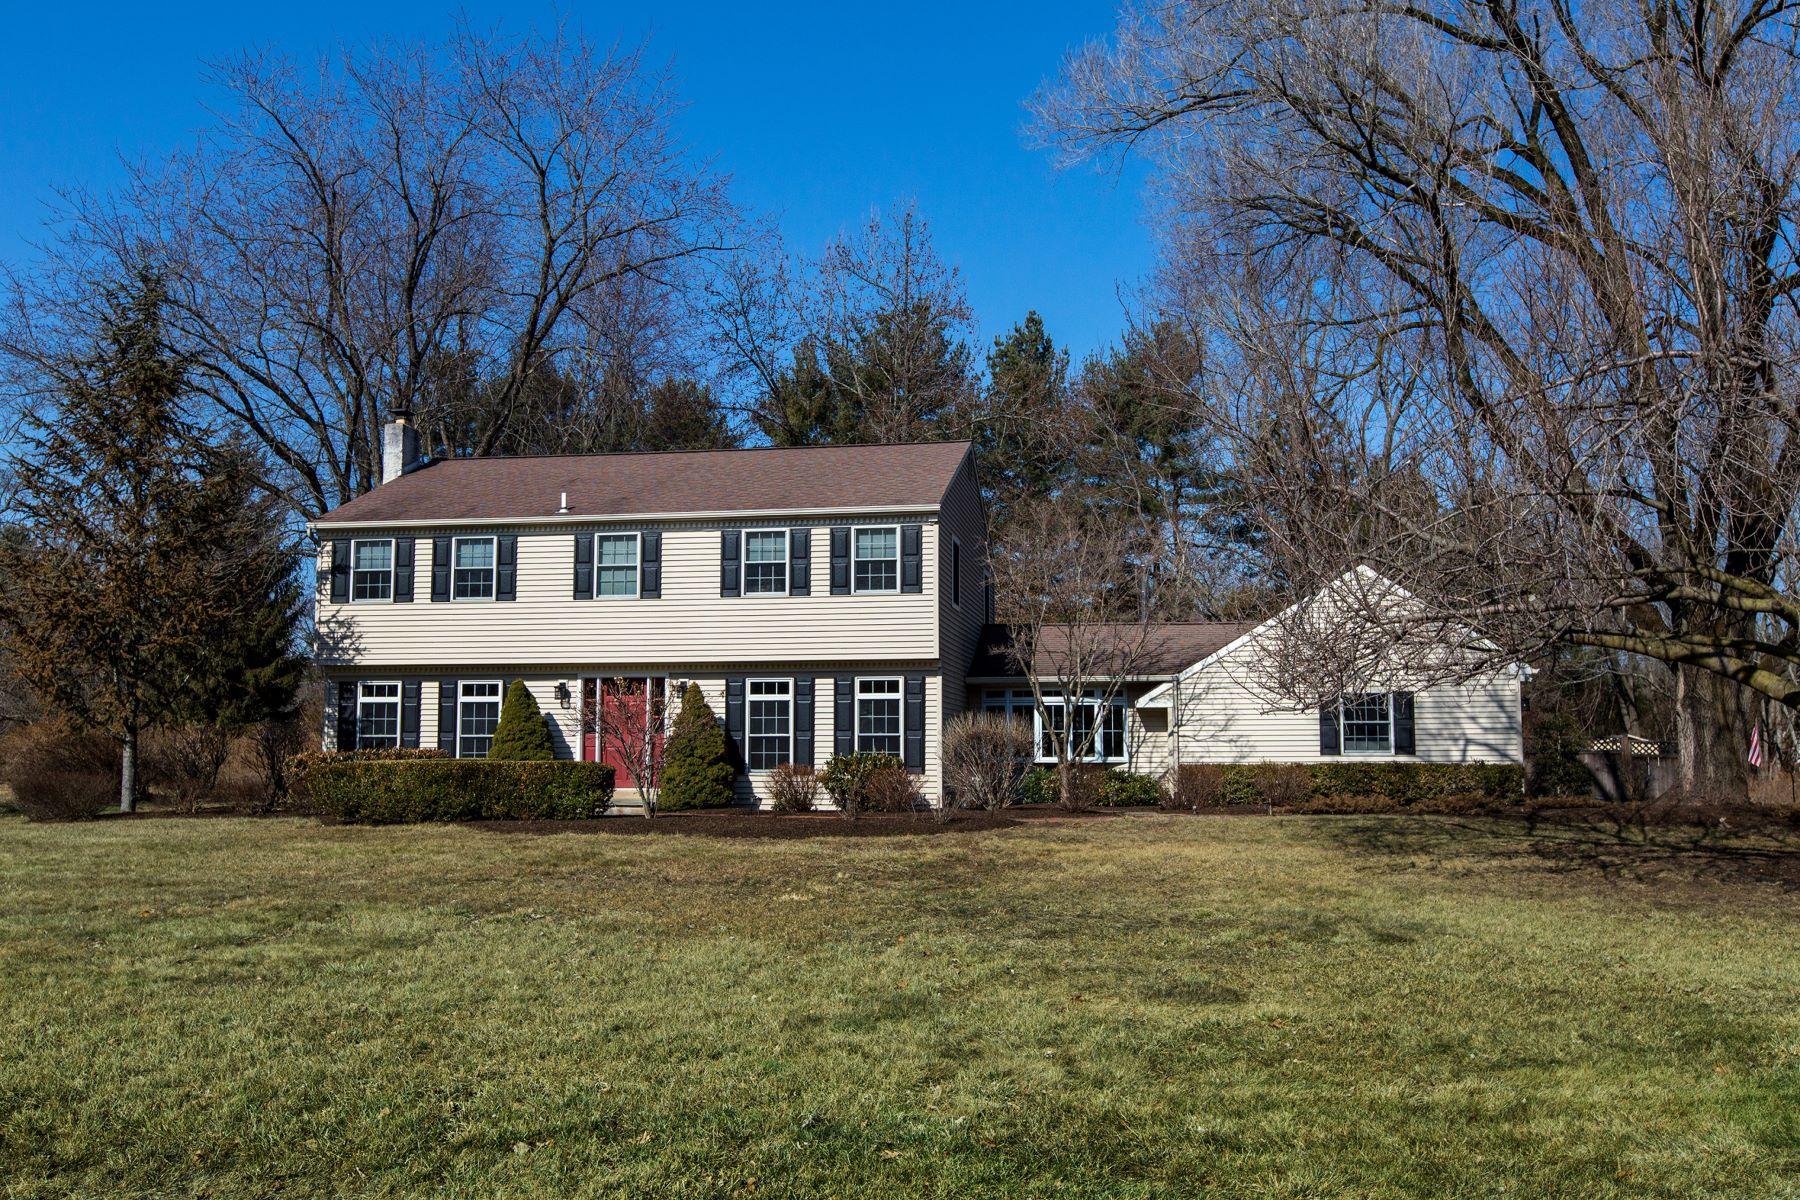 واحد منزل الأسرة للـ Sale في Carvers Ridge 6443 FAWN LN, New Hope, Pennsylvania, 18938 United States